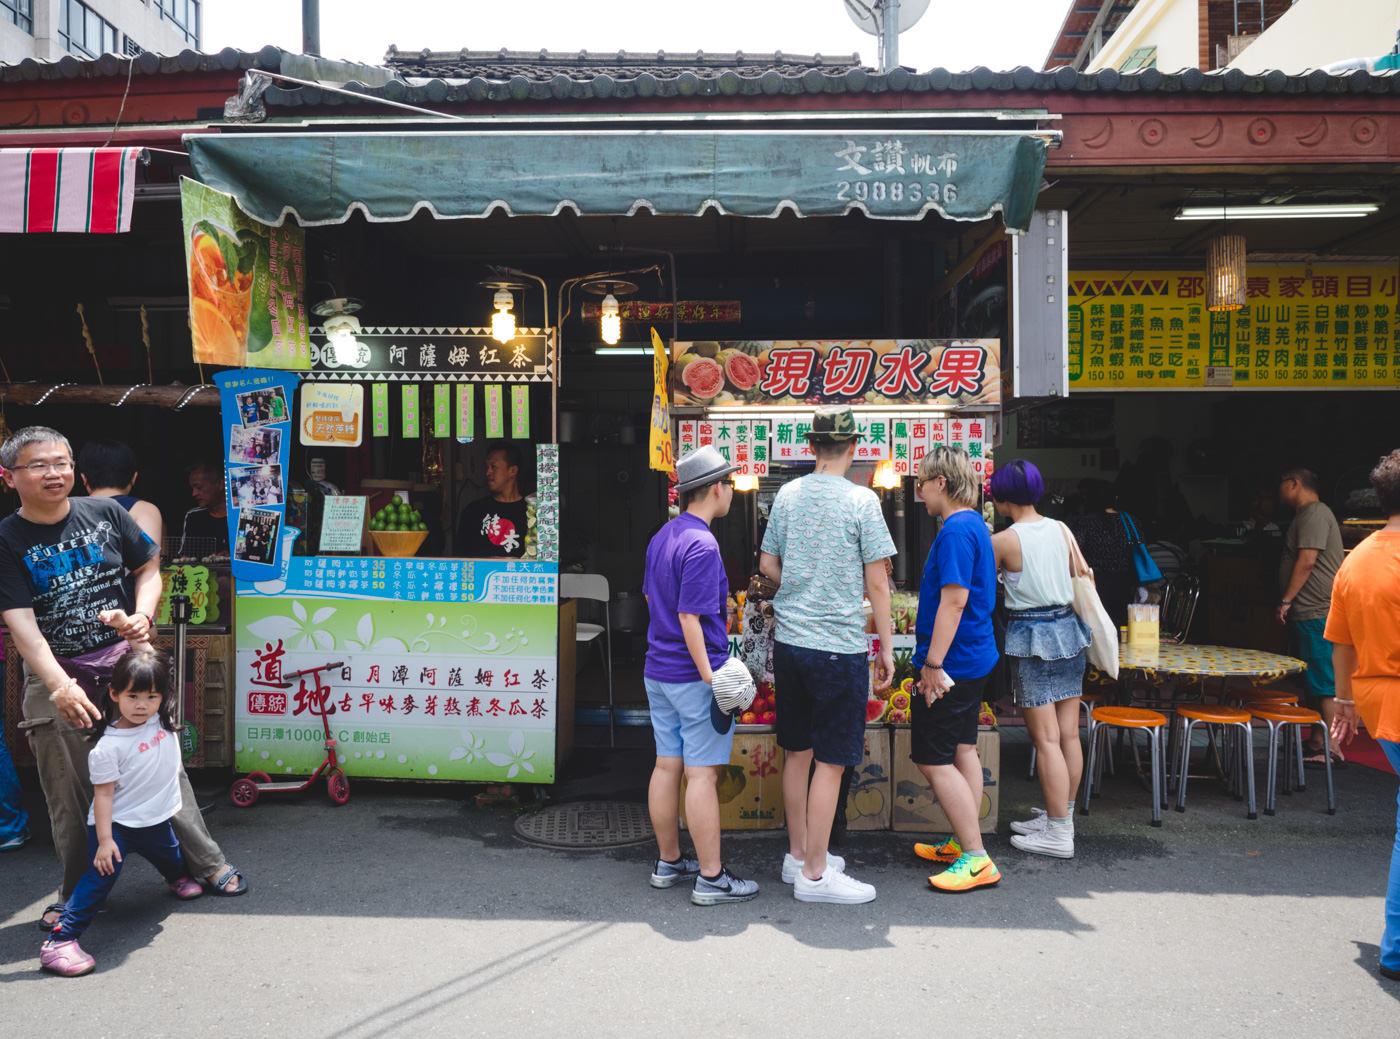 Taiwan - Nantou City - Buying fruits